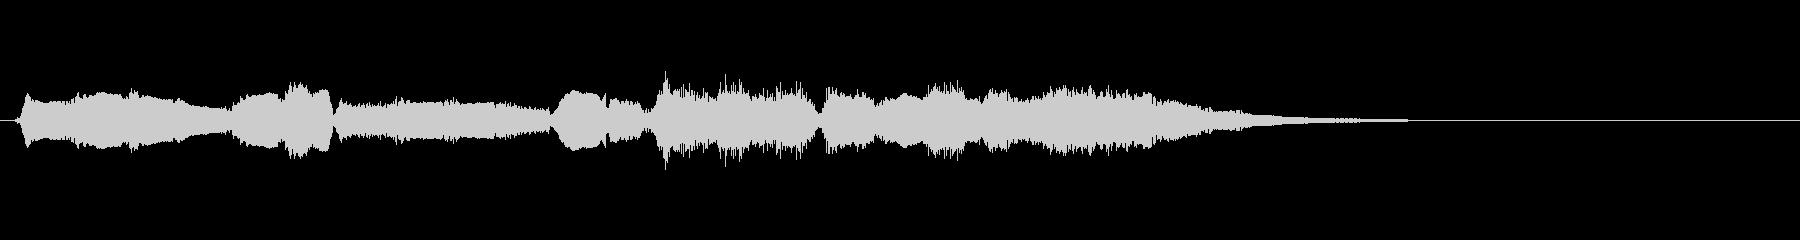 【生演奏】アコーディオンジングル25の未再生の波形